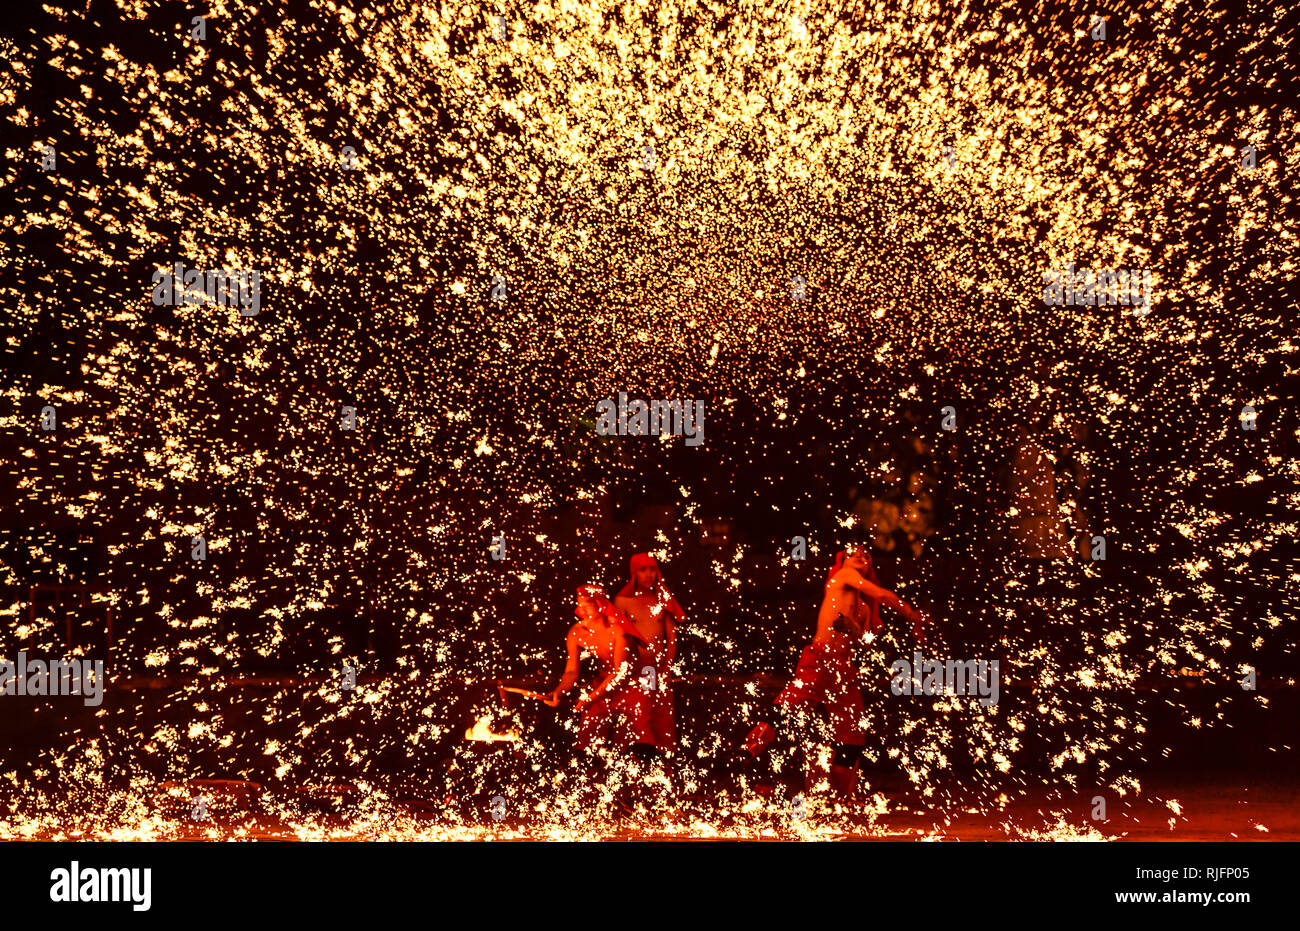 Zaozhuang. Feb, 2019 5. Des étincelles pour les artistes populaires comme du fer en fusion de pulvérisation pour célébrer la fête du printemps dans la région de Taierzhuang, est de la Chine, la province du Shandong, le 5 février 2019, le premier jour de la Nouvelle Année lunaire chinoise. Qimin Crédit: Gao/Xinhua/Alamy Live News Photo Stock